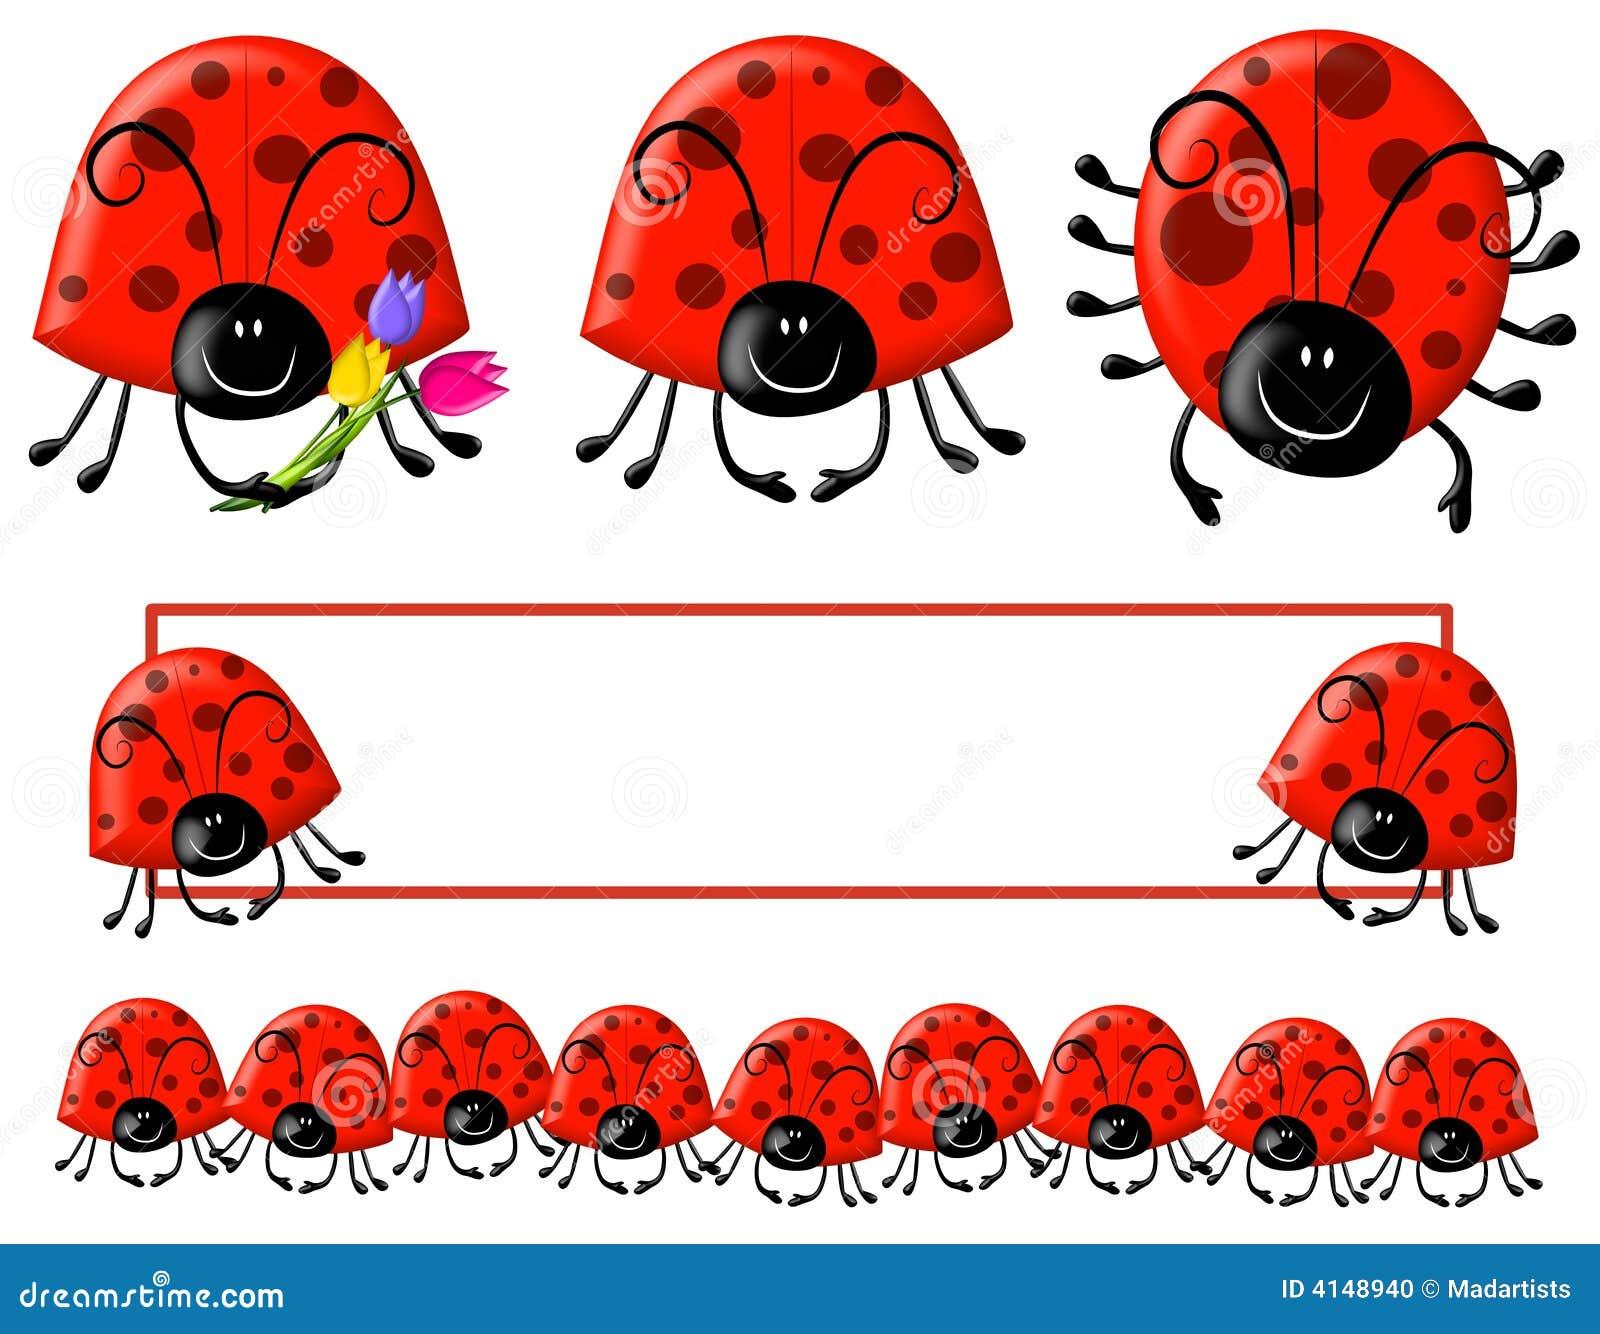 Cartoonish Ladybug Clip Art And Logo Stock Photo - Image: 4148940